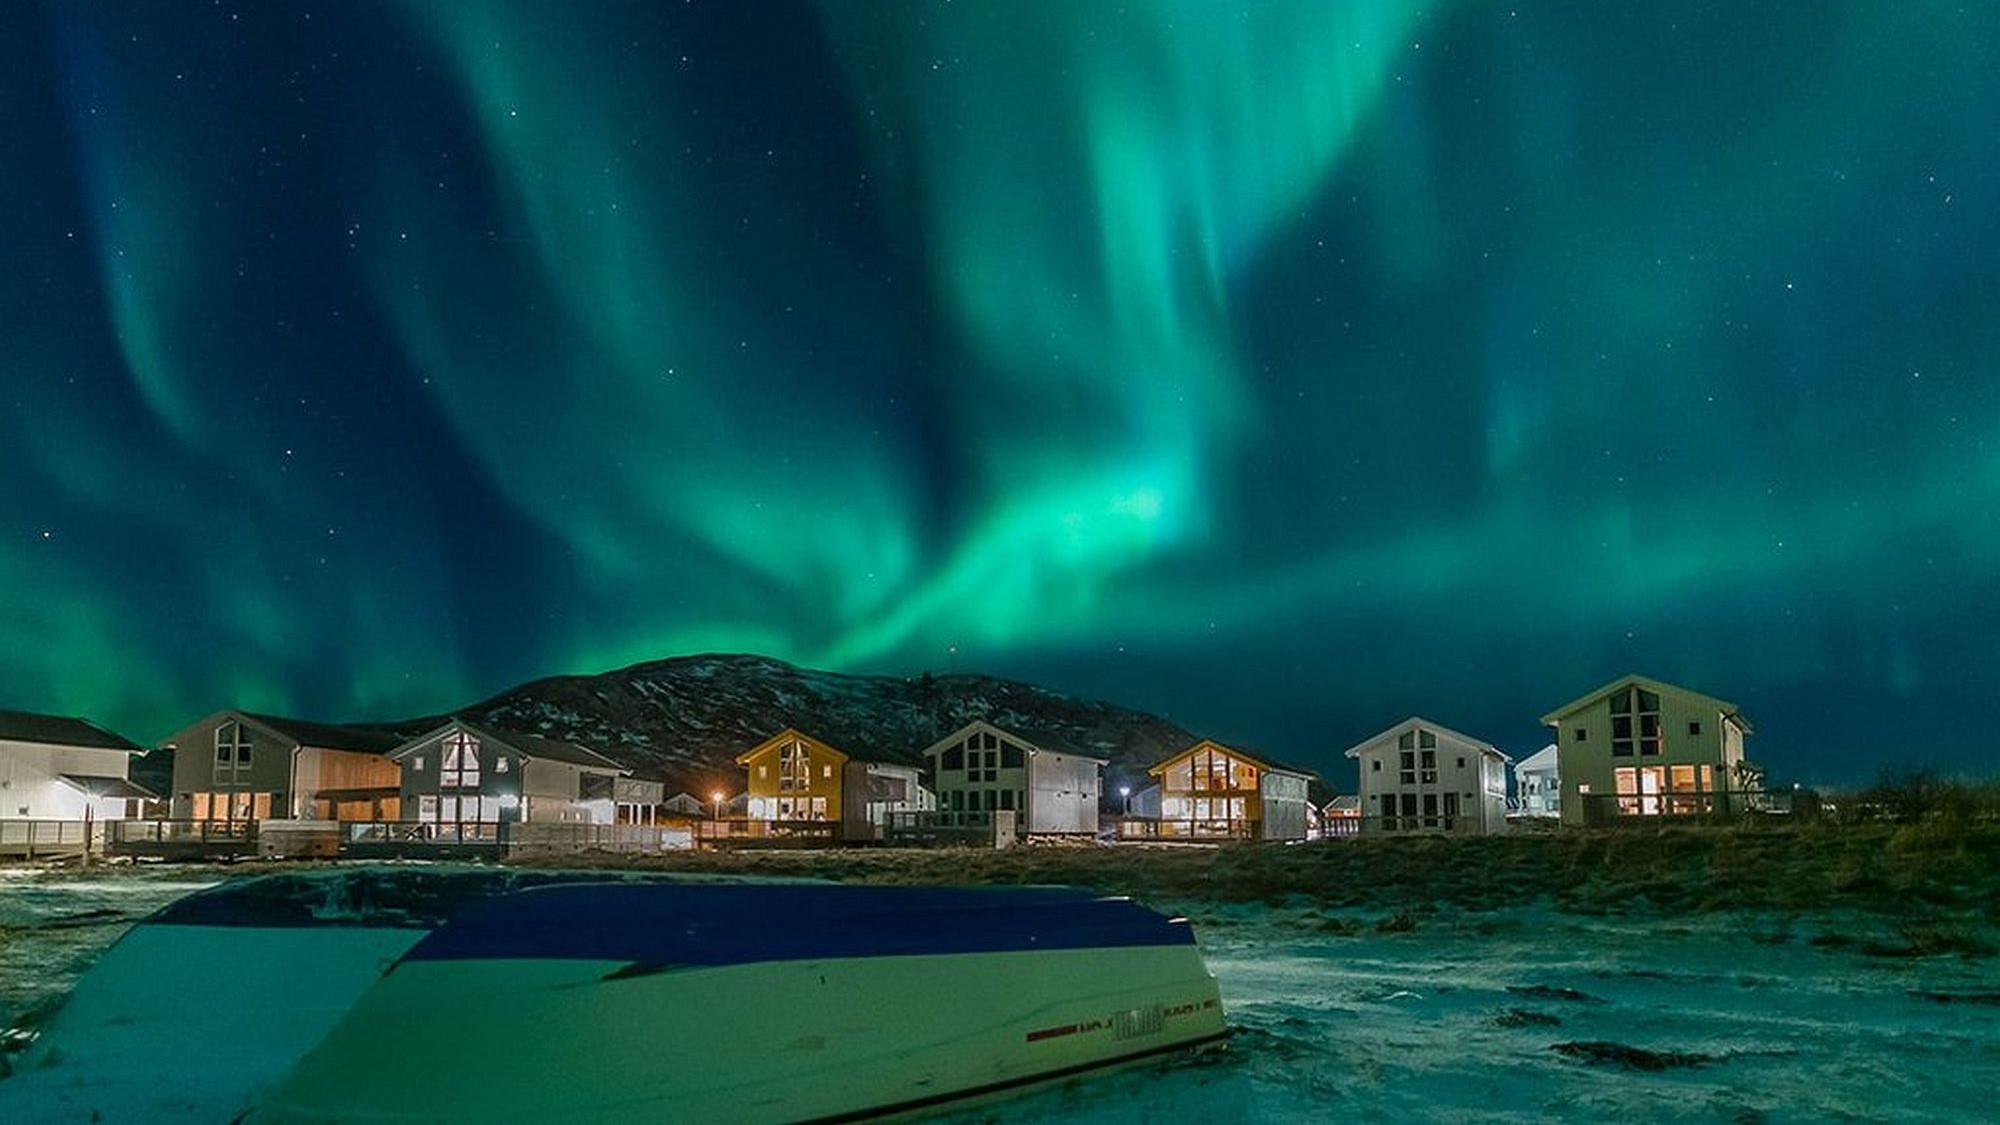 Nordlicht über Hütten